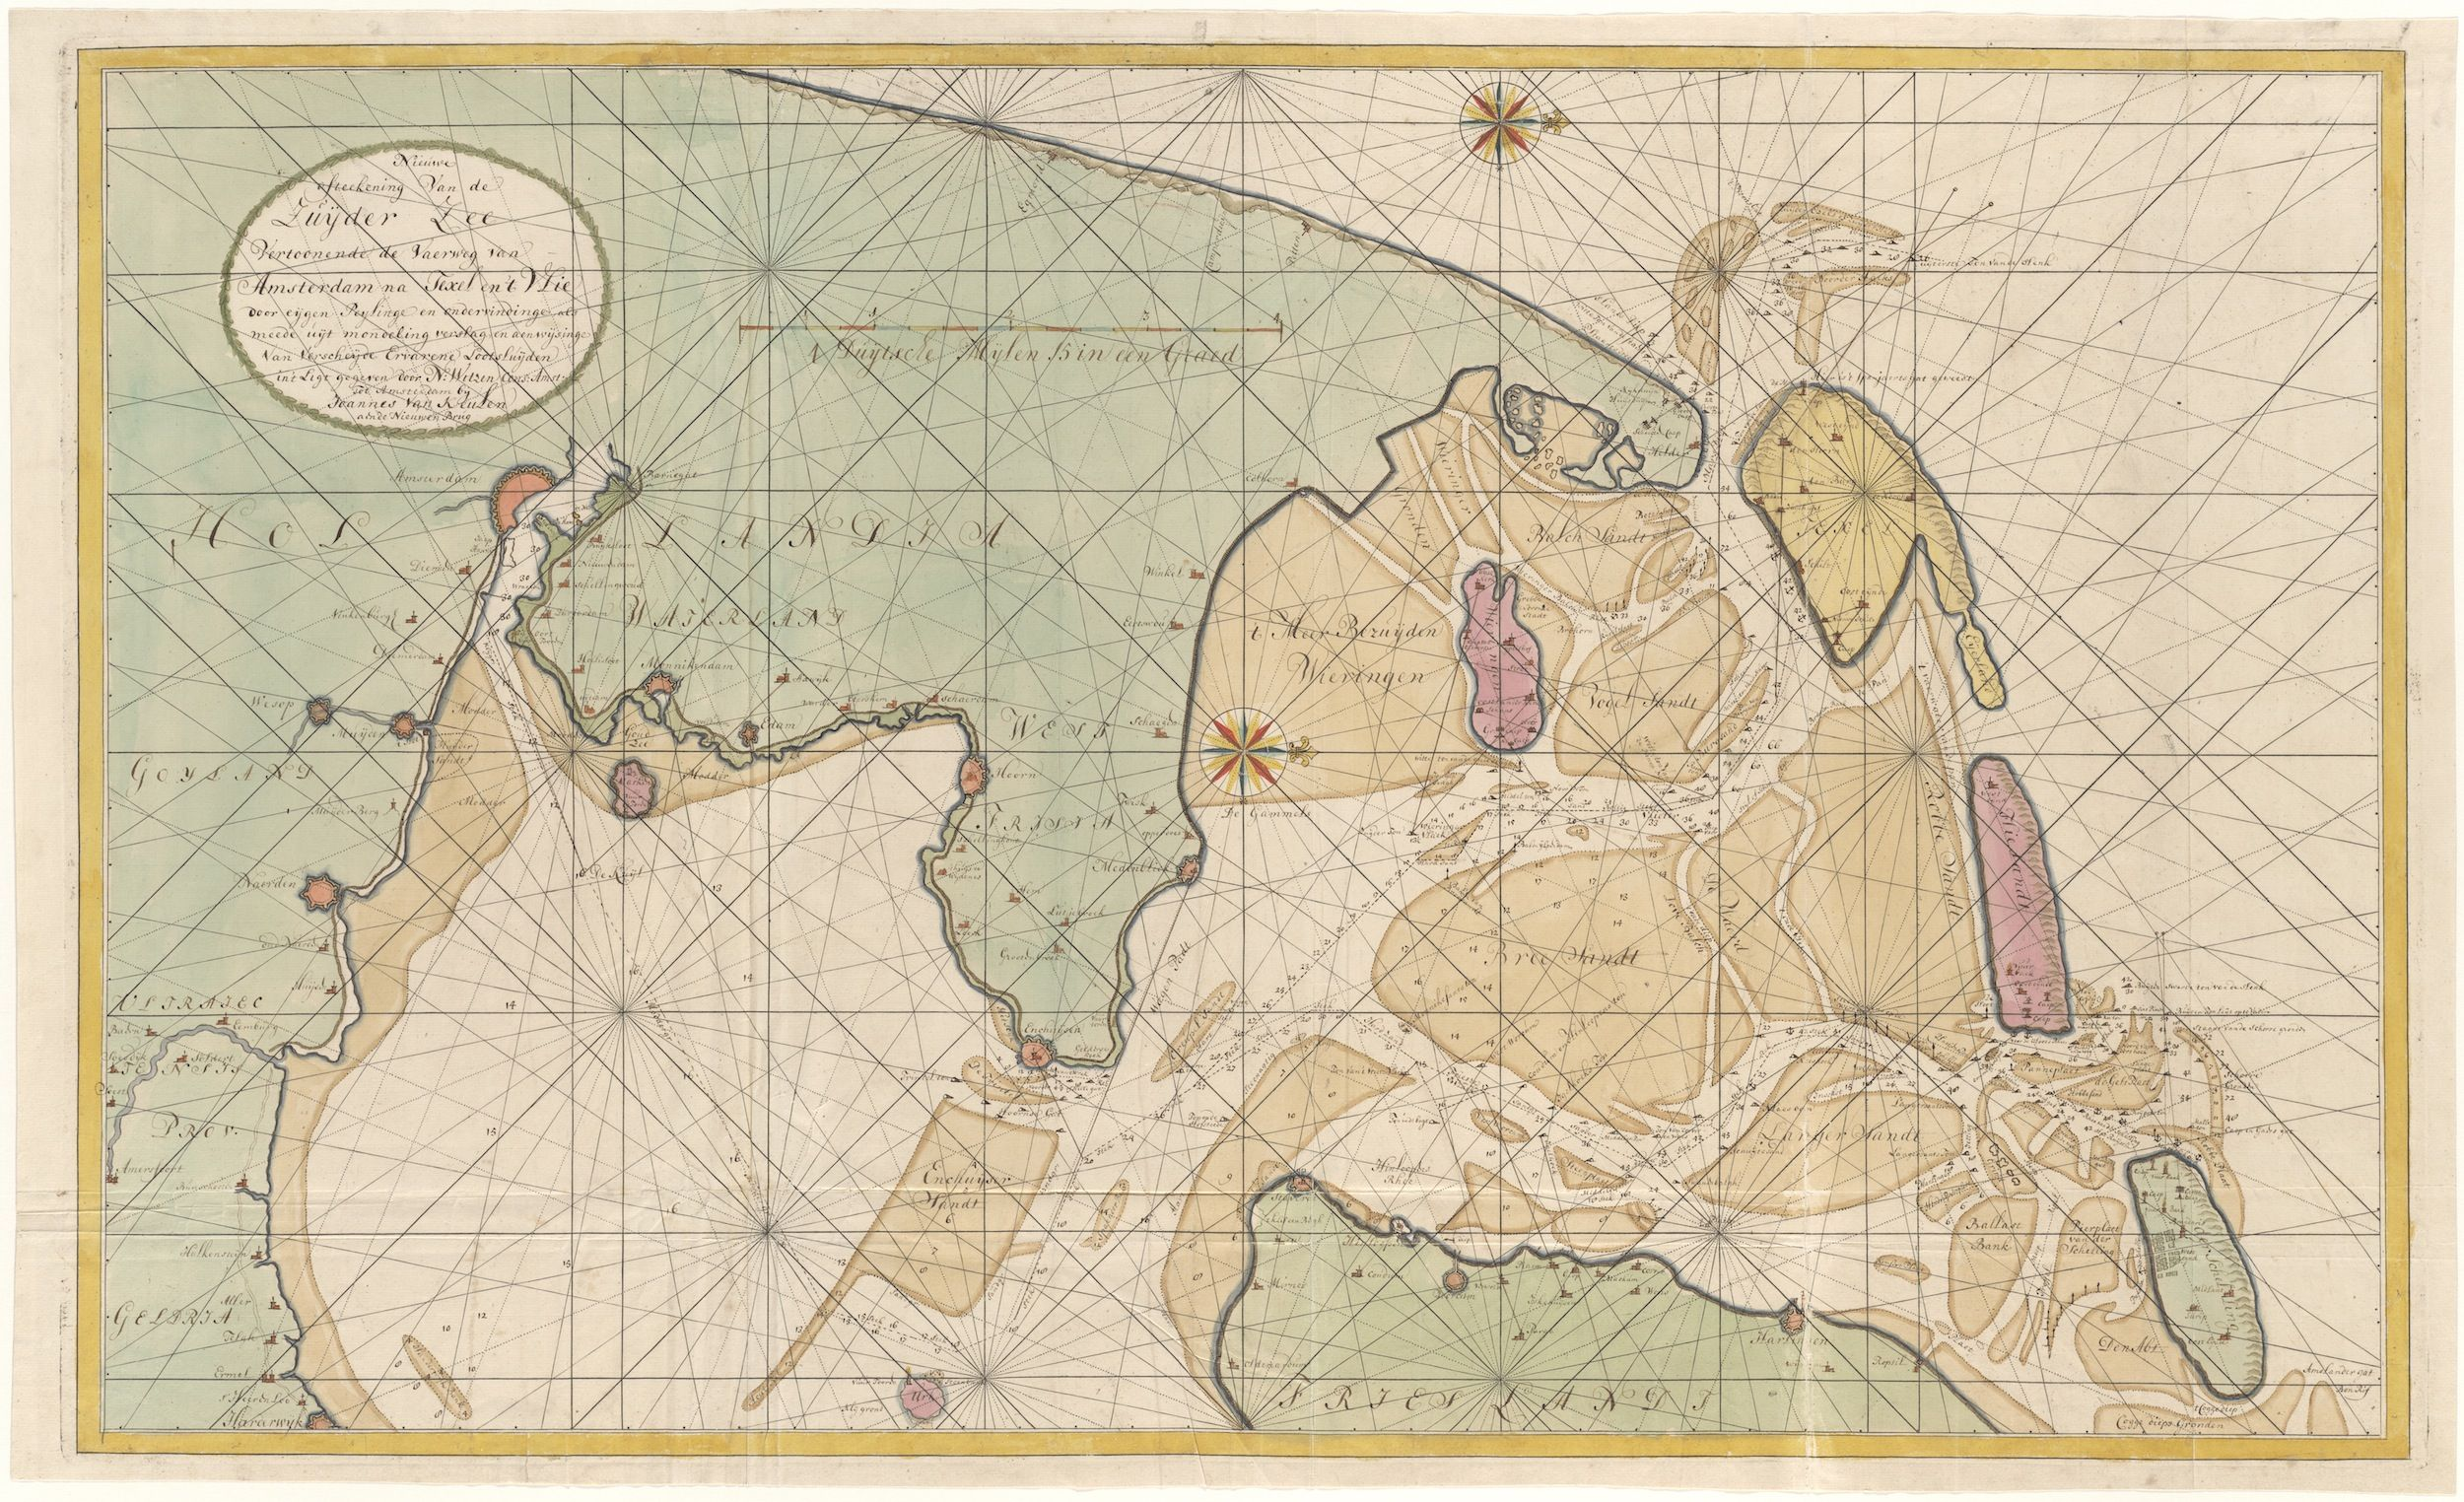 Zuiderzee en de vaarweg van Amsterdam naar Texel en het Vlie in handschrift door Nicolaes Witsen, vervaardigd bij Johannes van Keulen, ca. 1730